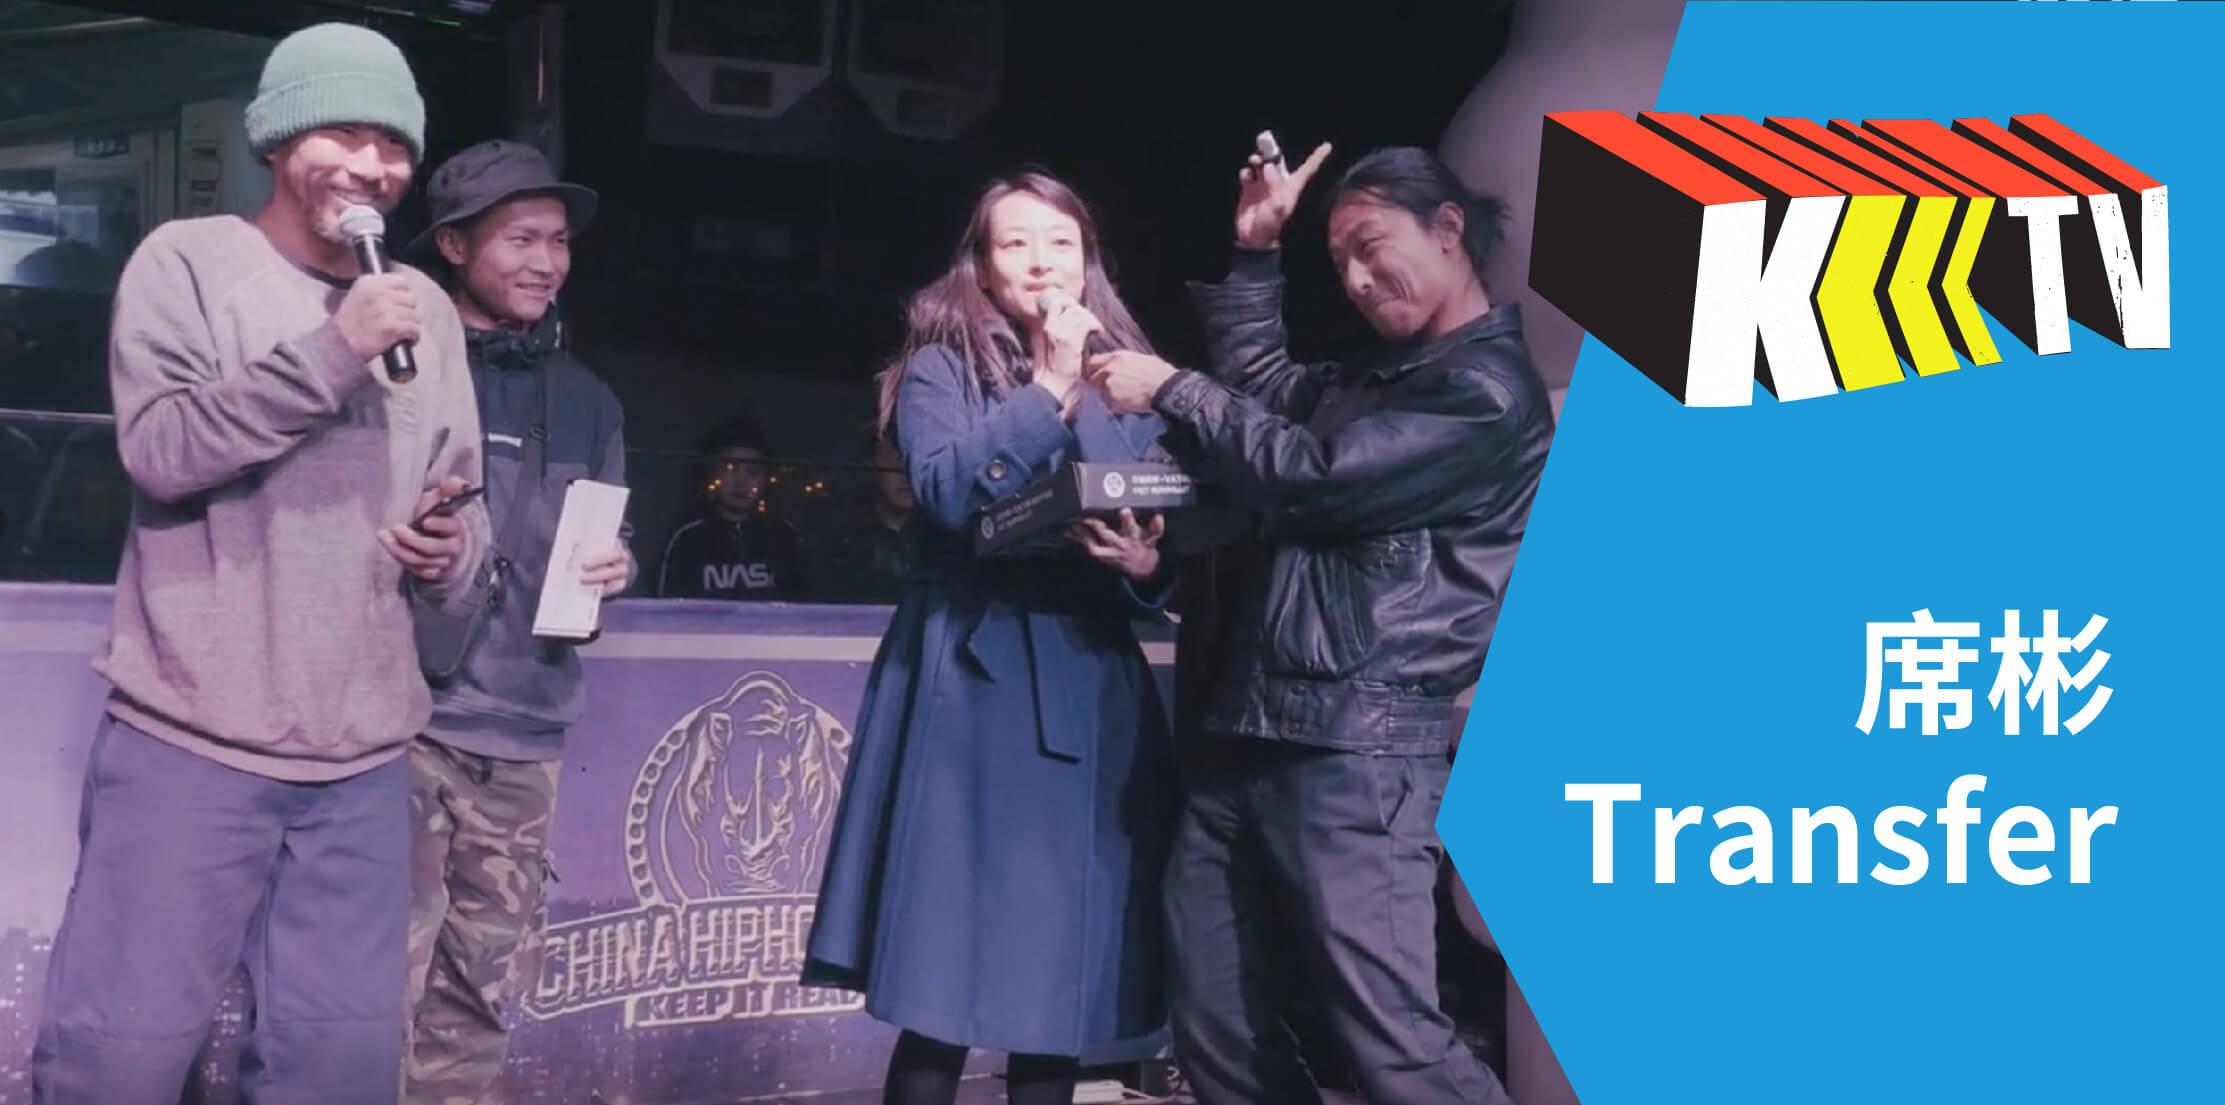 全国 104 家滑板店首映的 DBH 席彬新片「Transfer」线上公映